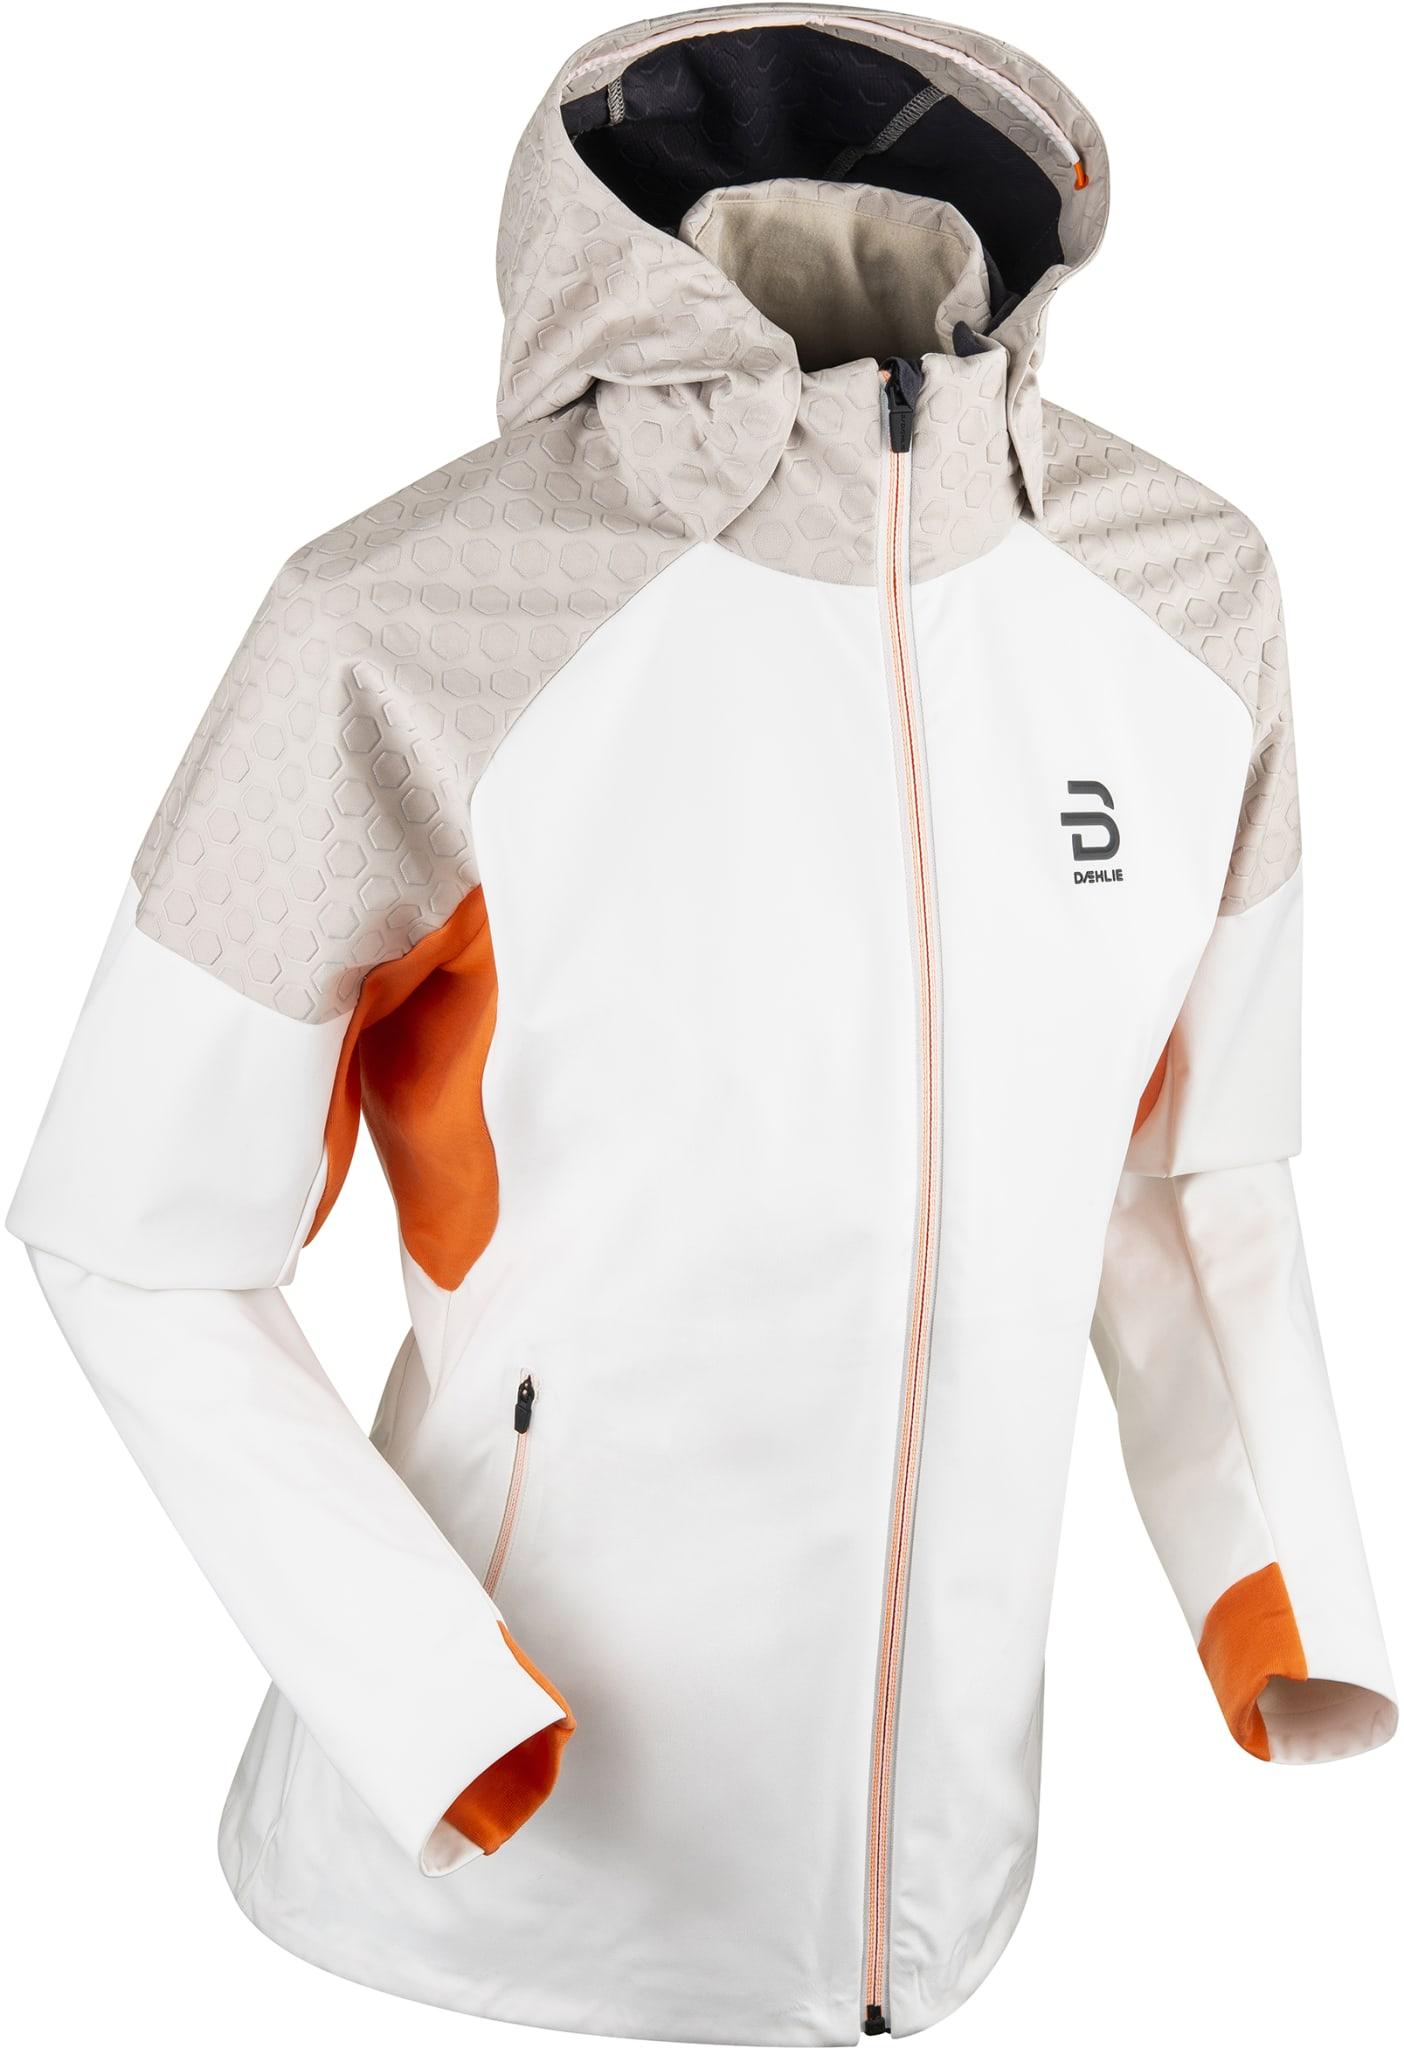 Jacket Raw 4.0 er den råeste teknologien innen langrennsjakker fra Dæhlie